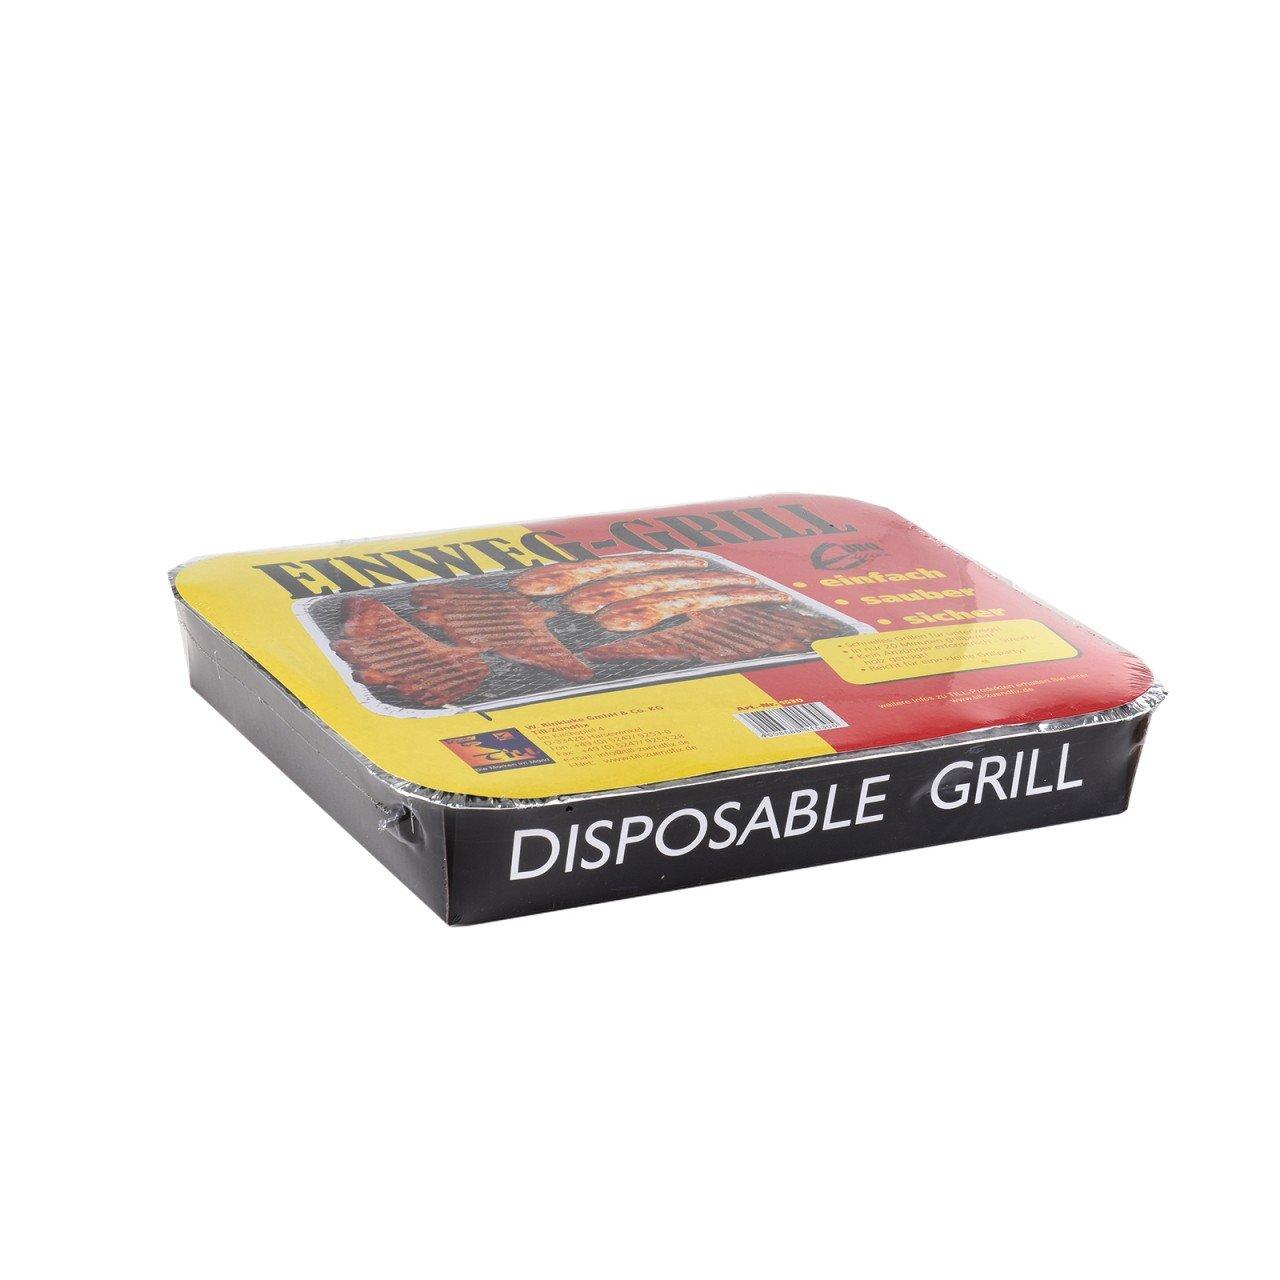 les randonn/ées Pour le camping les barbecues Barbecue /à usage unique les pique-niques